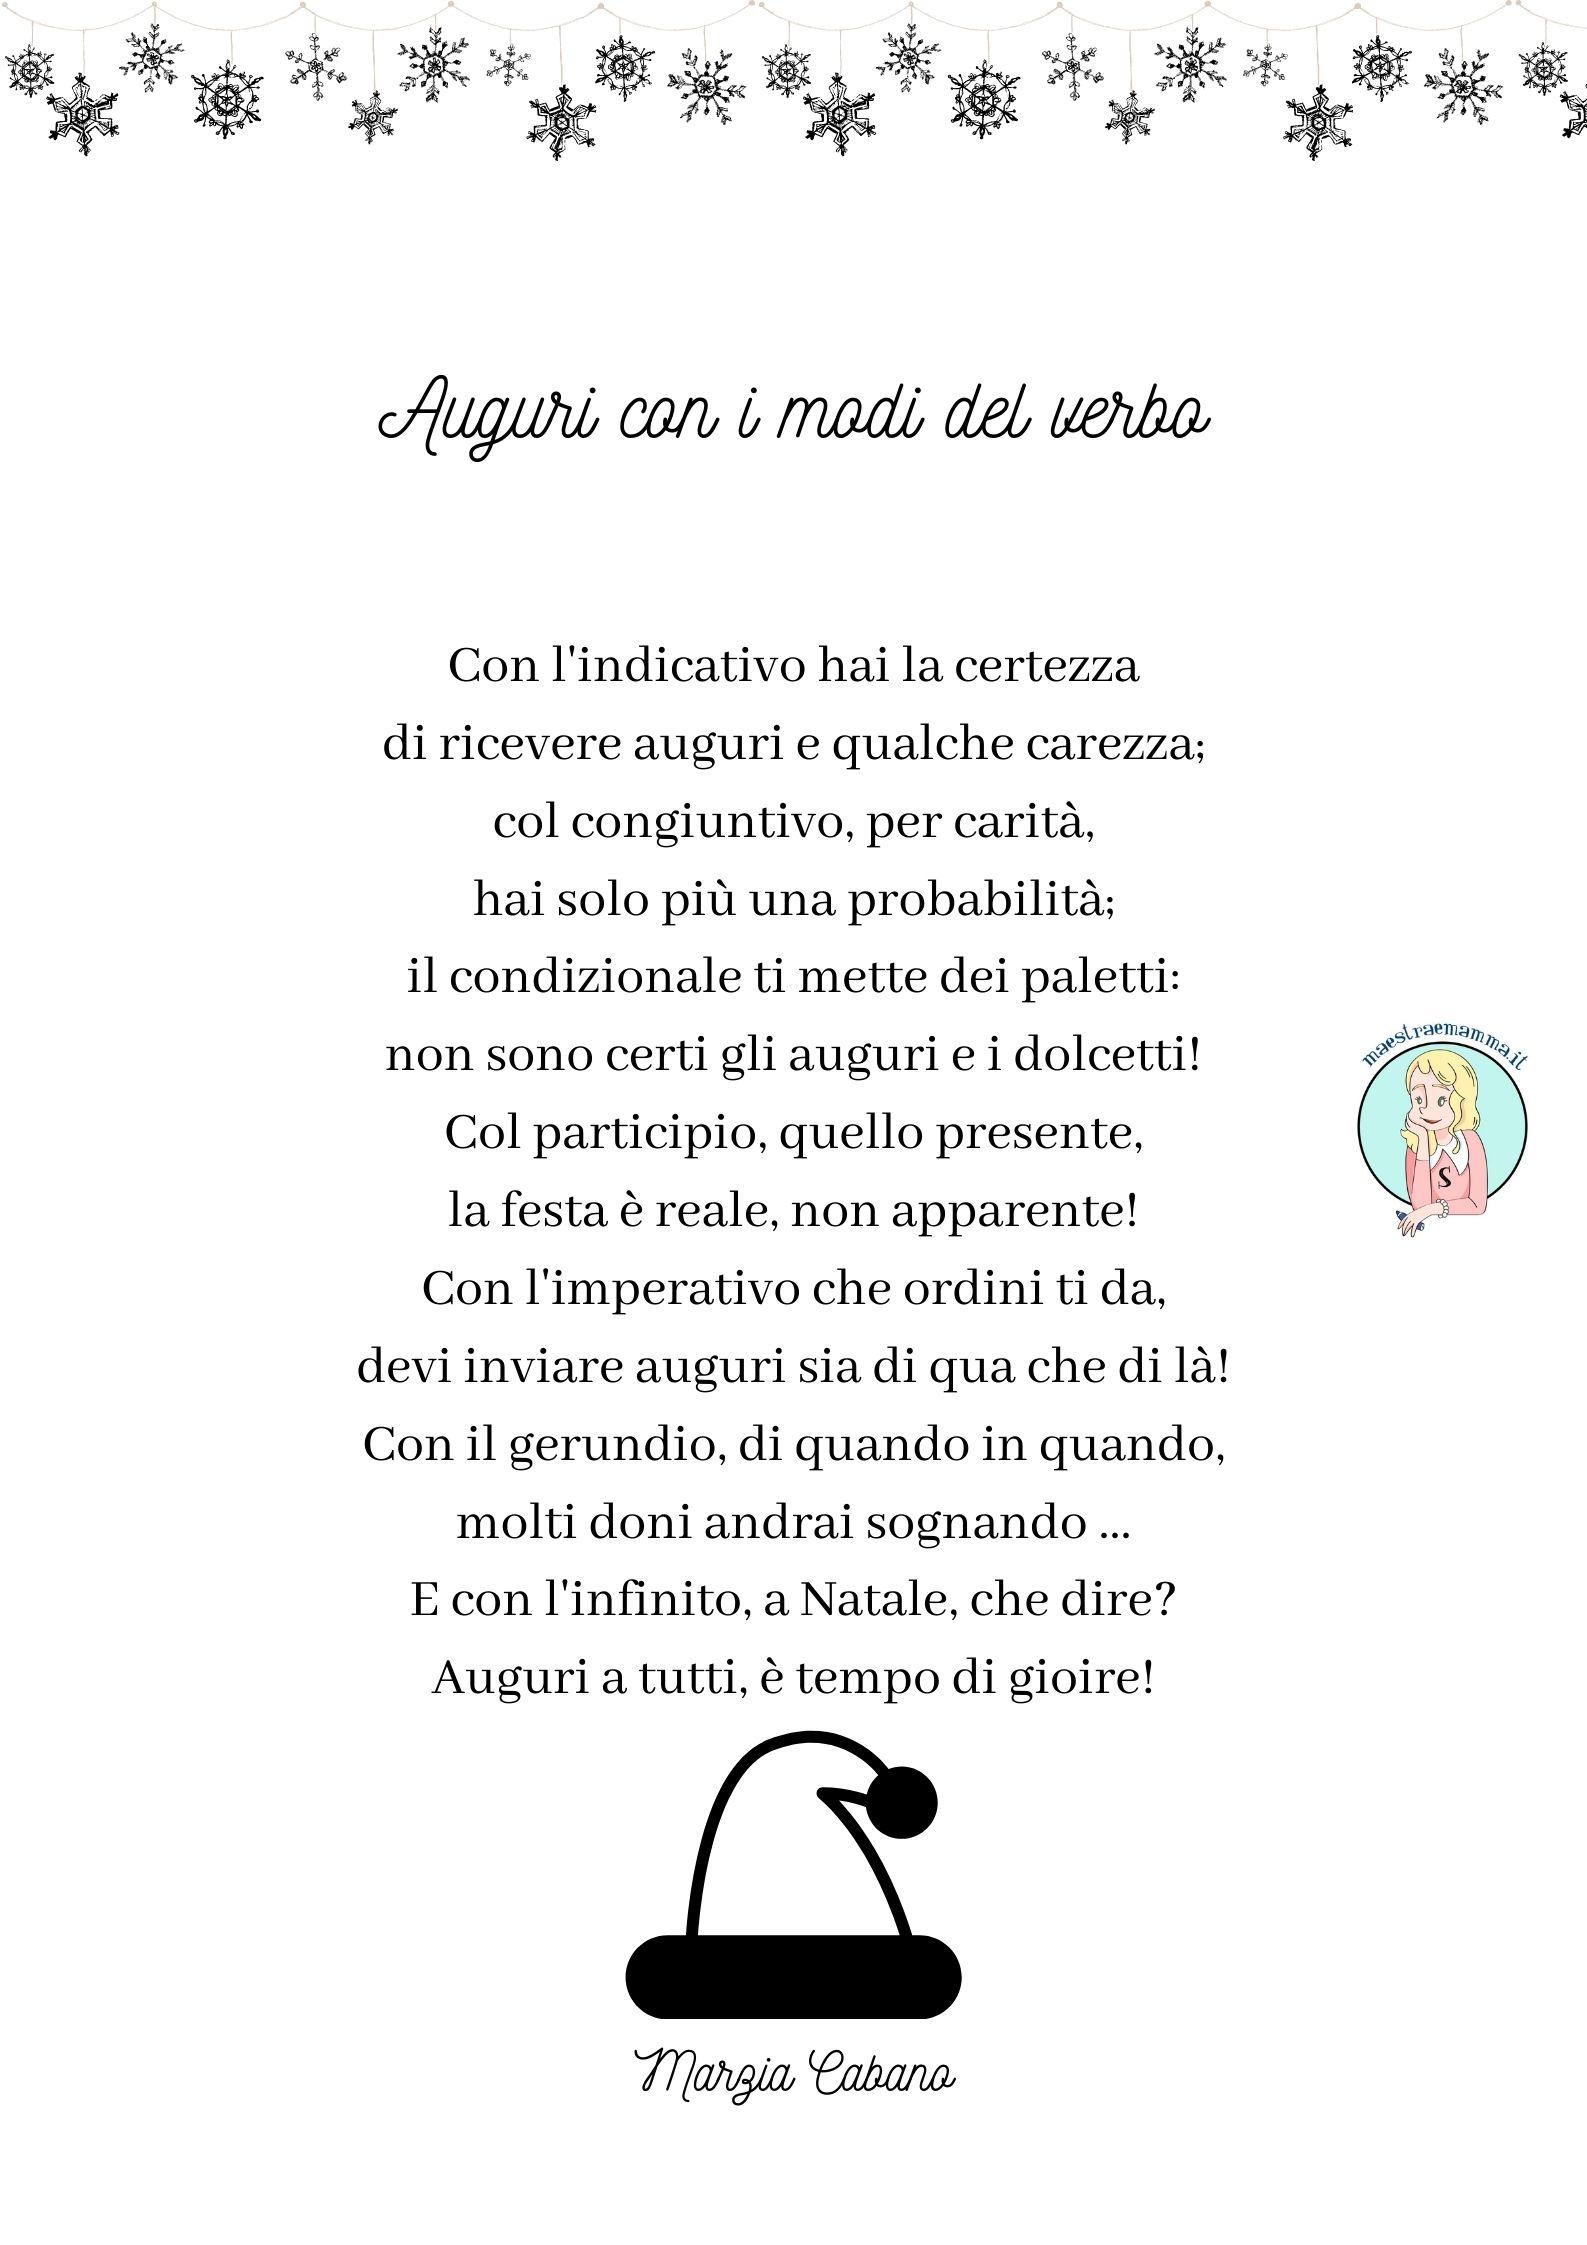 poesia natale bambini-Poesia di Natale di Marzia Cabano poesie di natale in rima